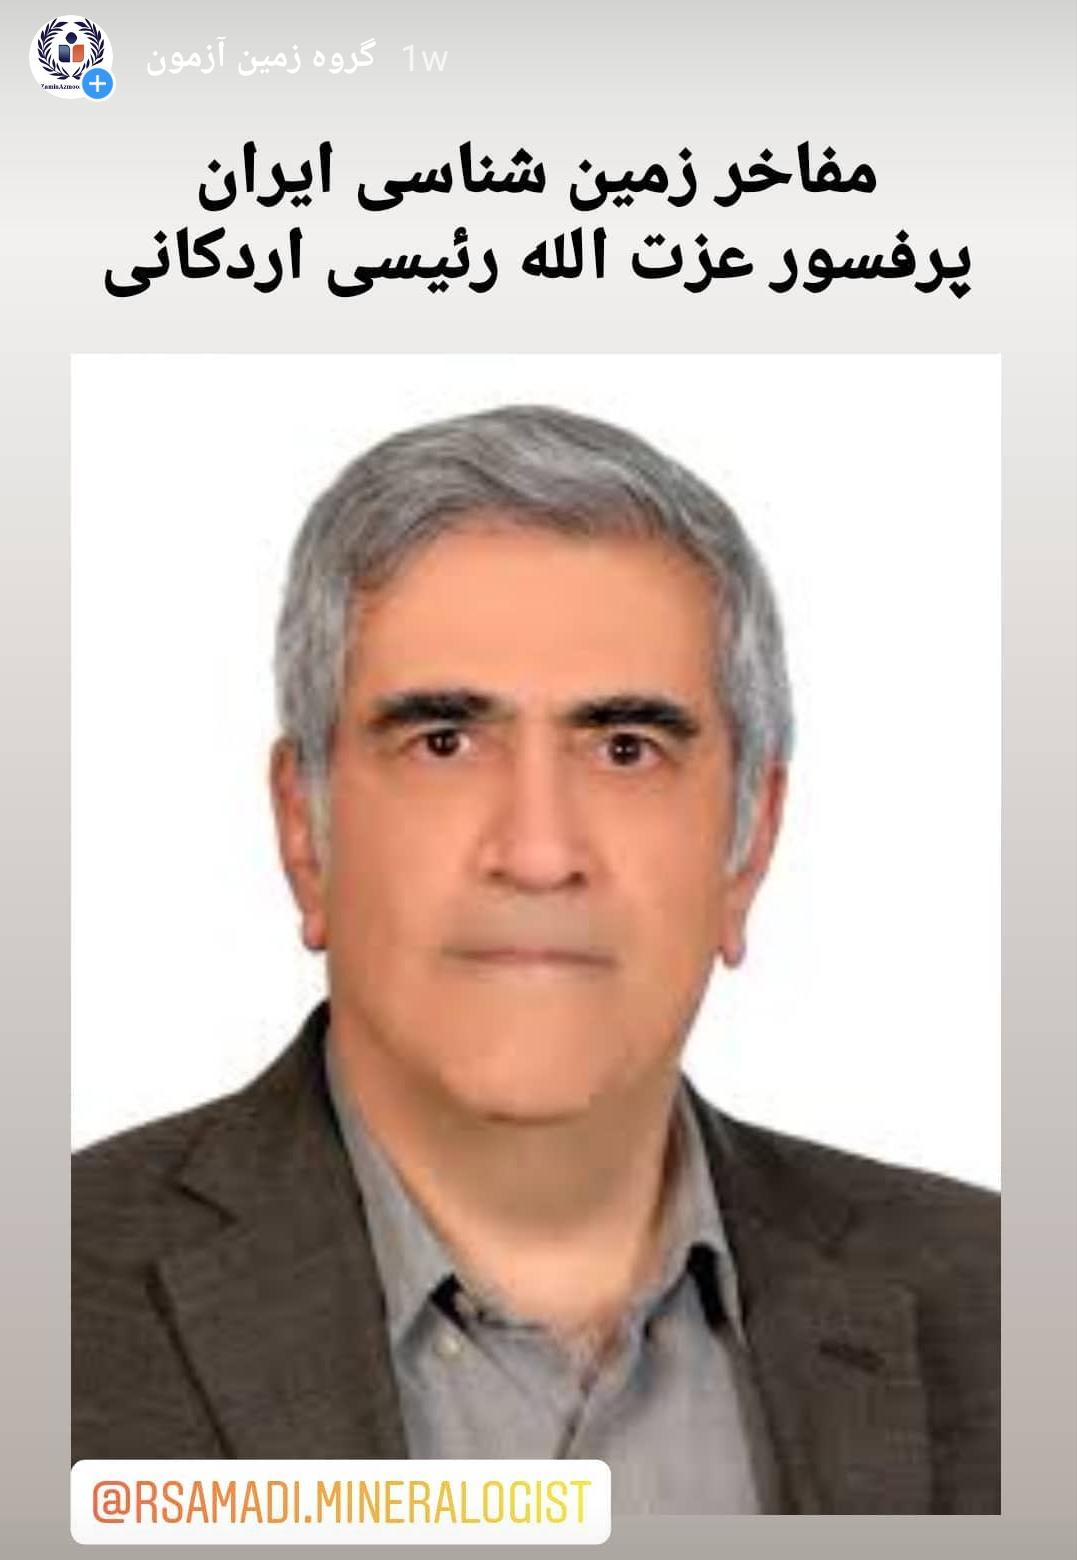 دکتر عزت الله رئیسی اردکانی